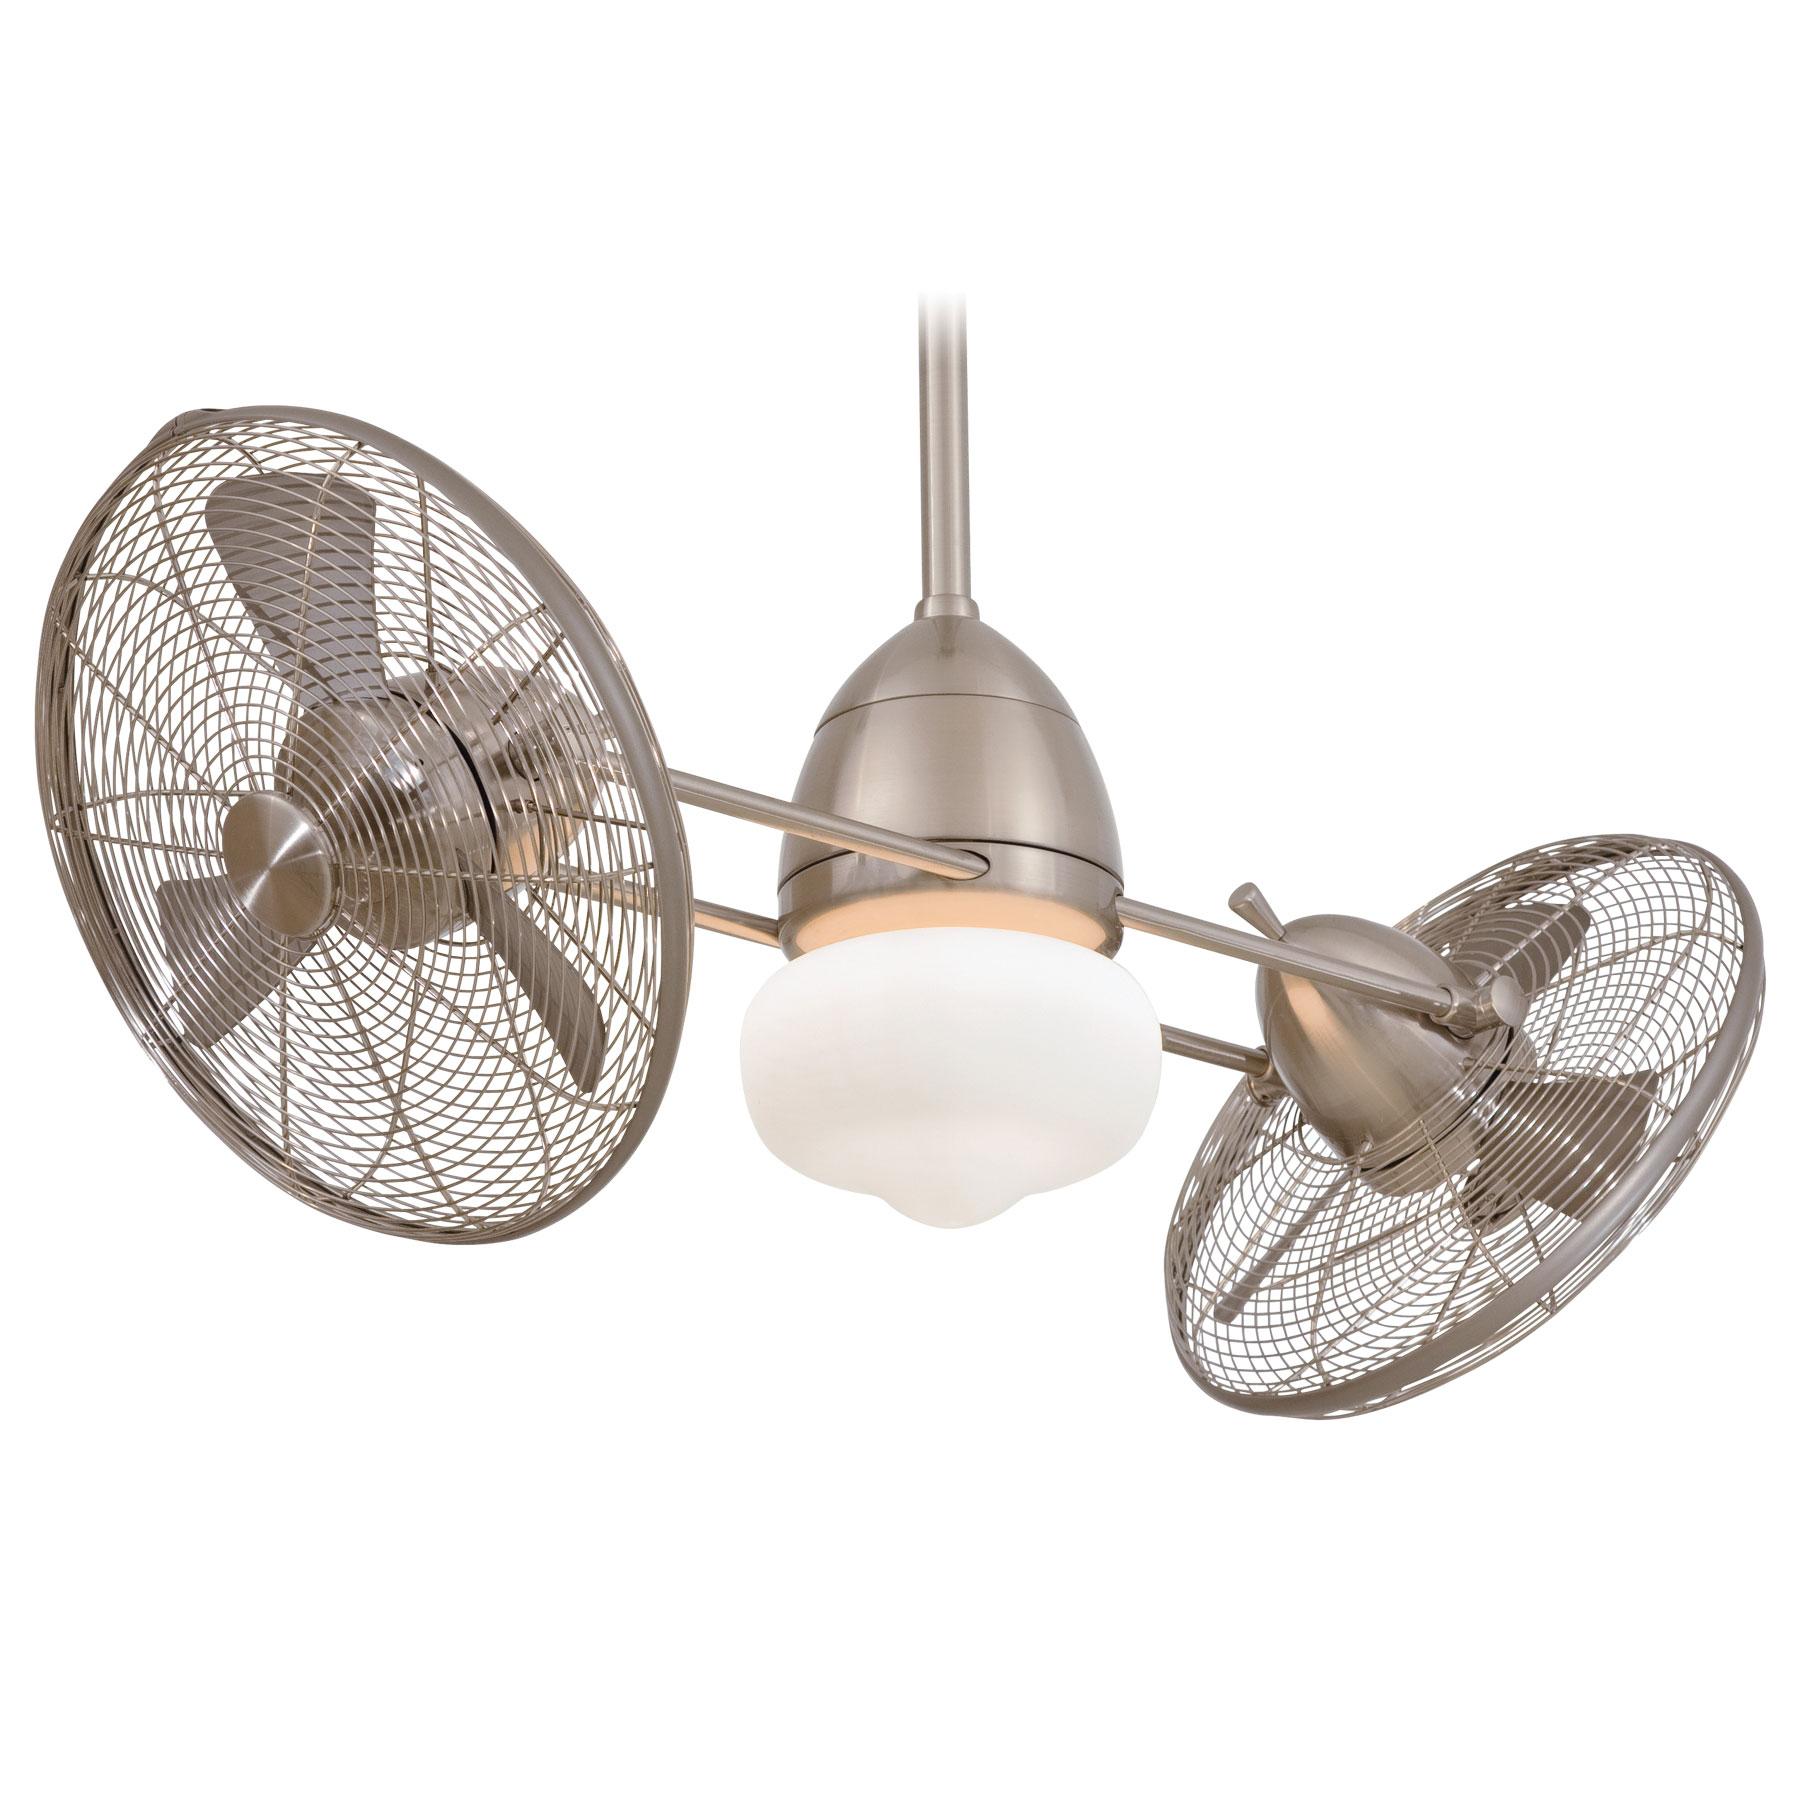 Gyro Outdoor Twin Turbo Ceiling Fan